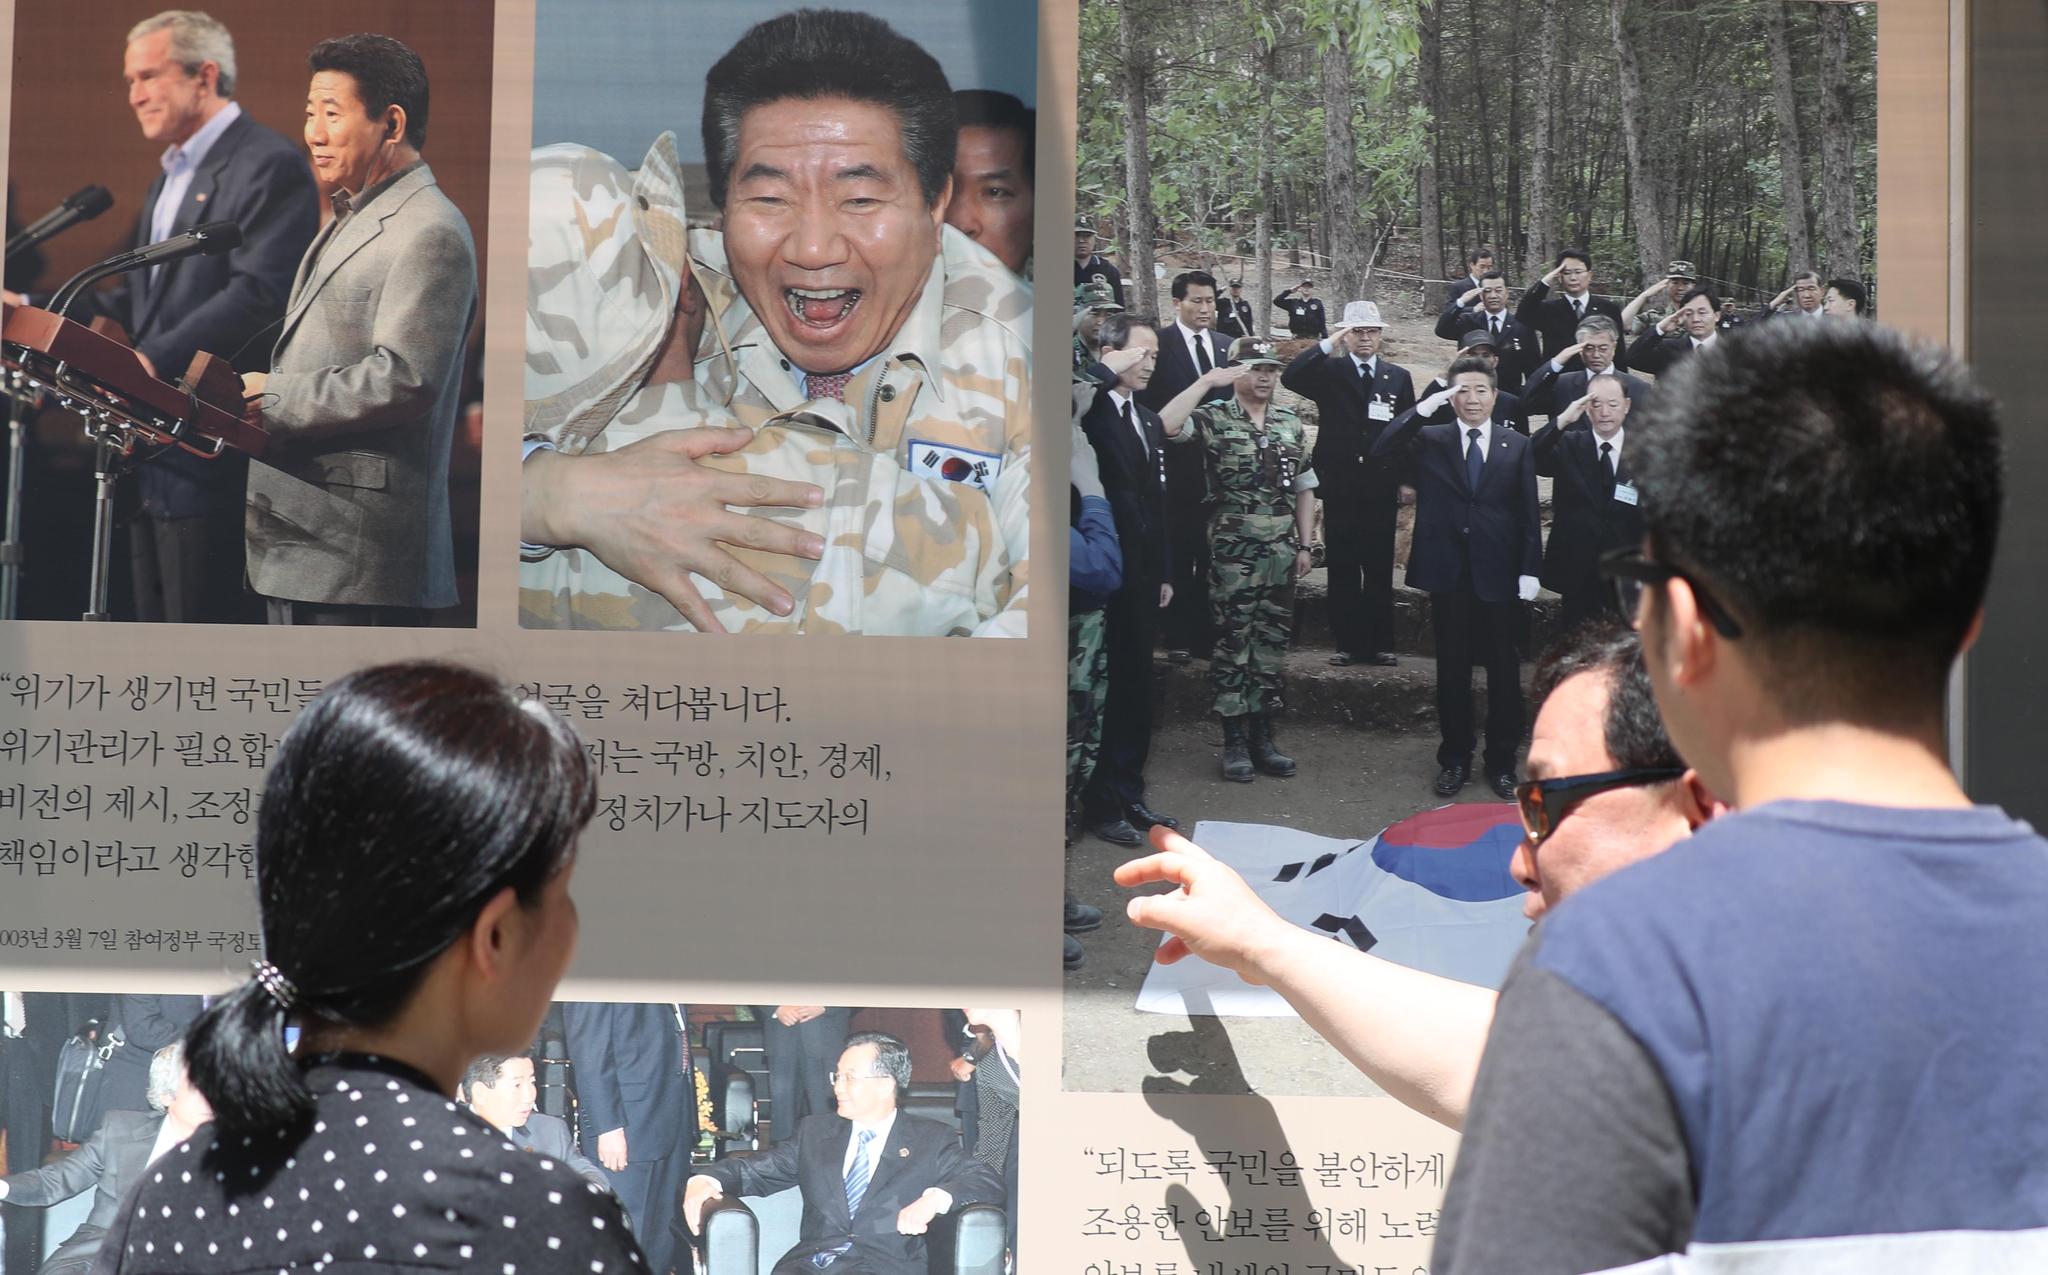 노무현 전 대통령 서거 10주기 추도식을 이틀 앞둔 21일 경남 김해시 진영읍 봉하마을에 시민들 방문이 이어지고 있다. [연합뉴스]